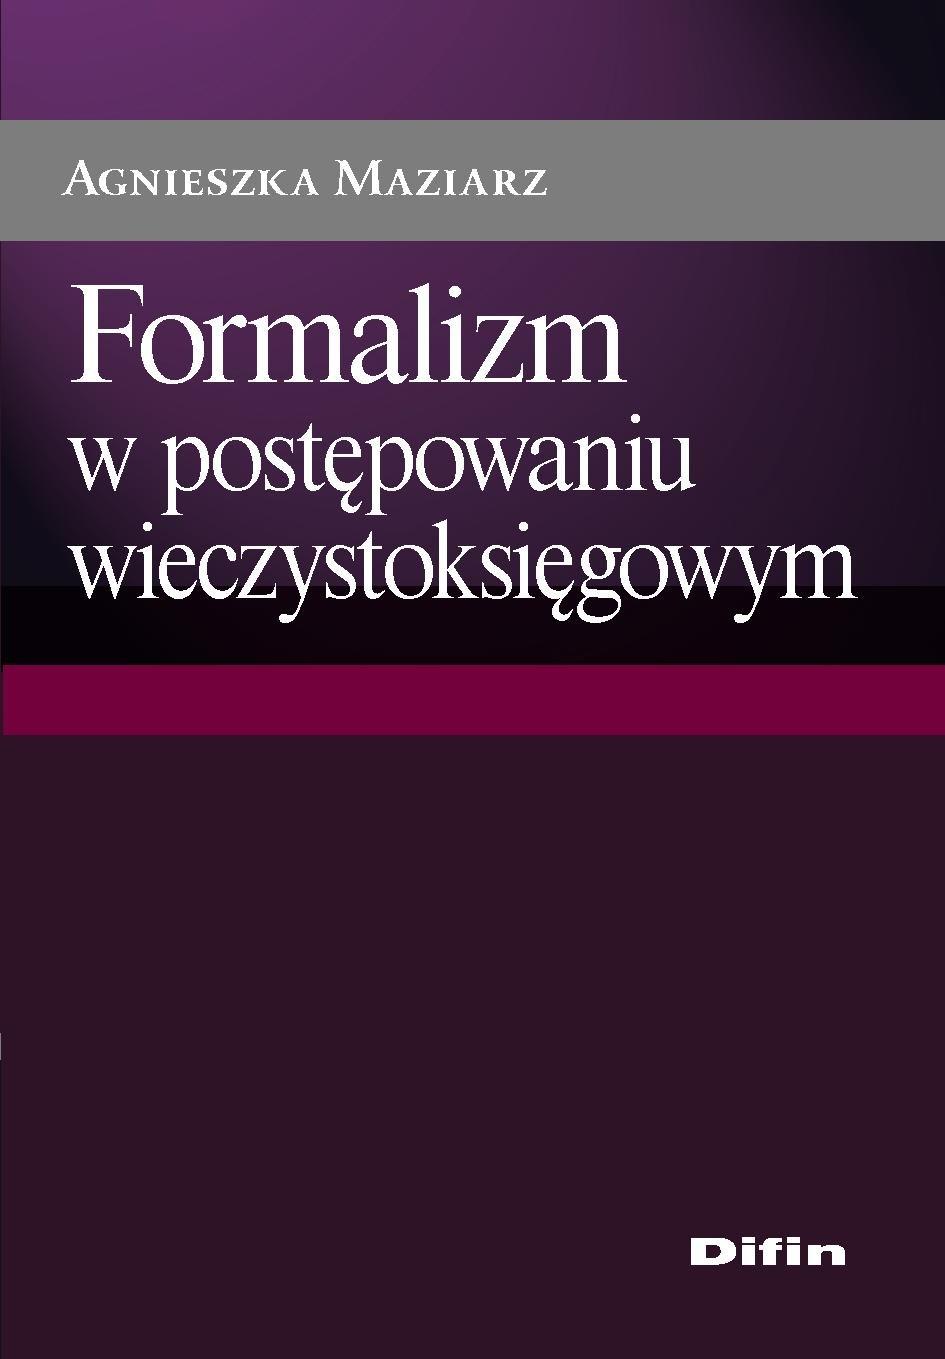 Formalizm w postępowaniu wieczystoksięgowym - Ebook (Książka PDF) do pobrania w formacie PDF